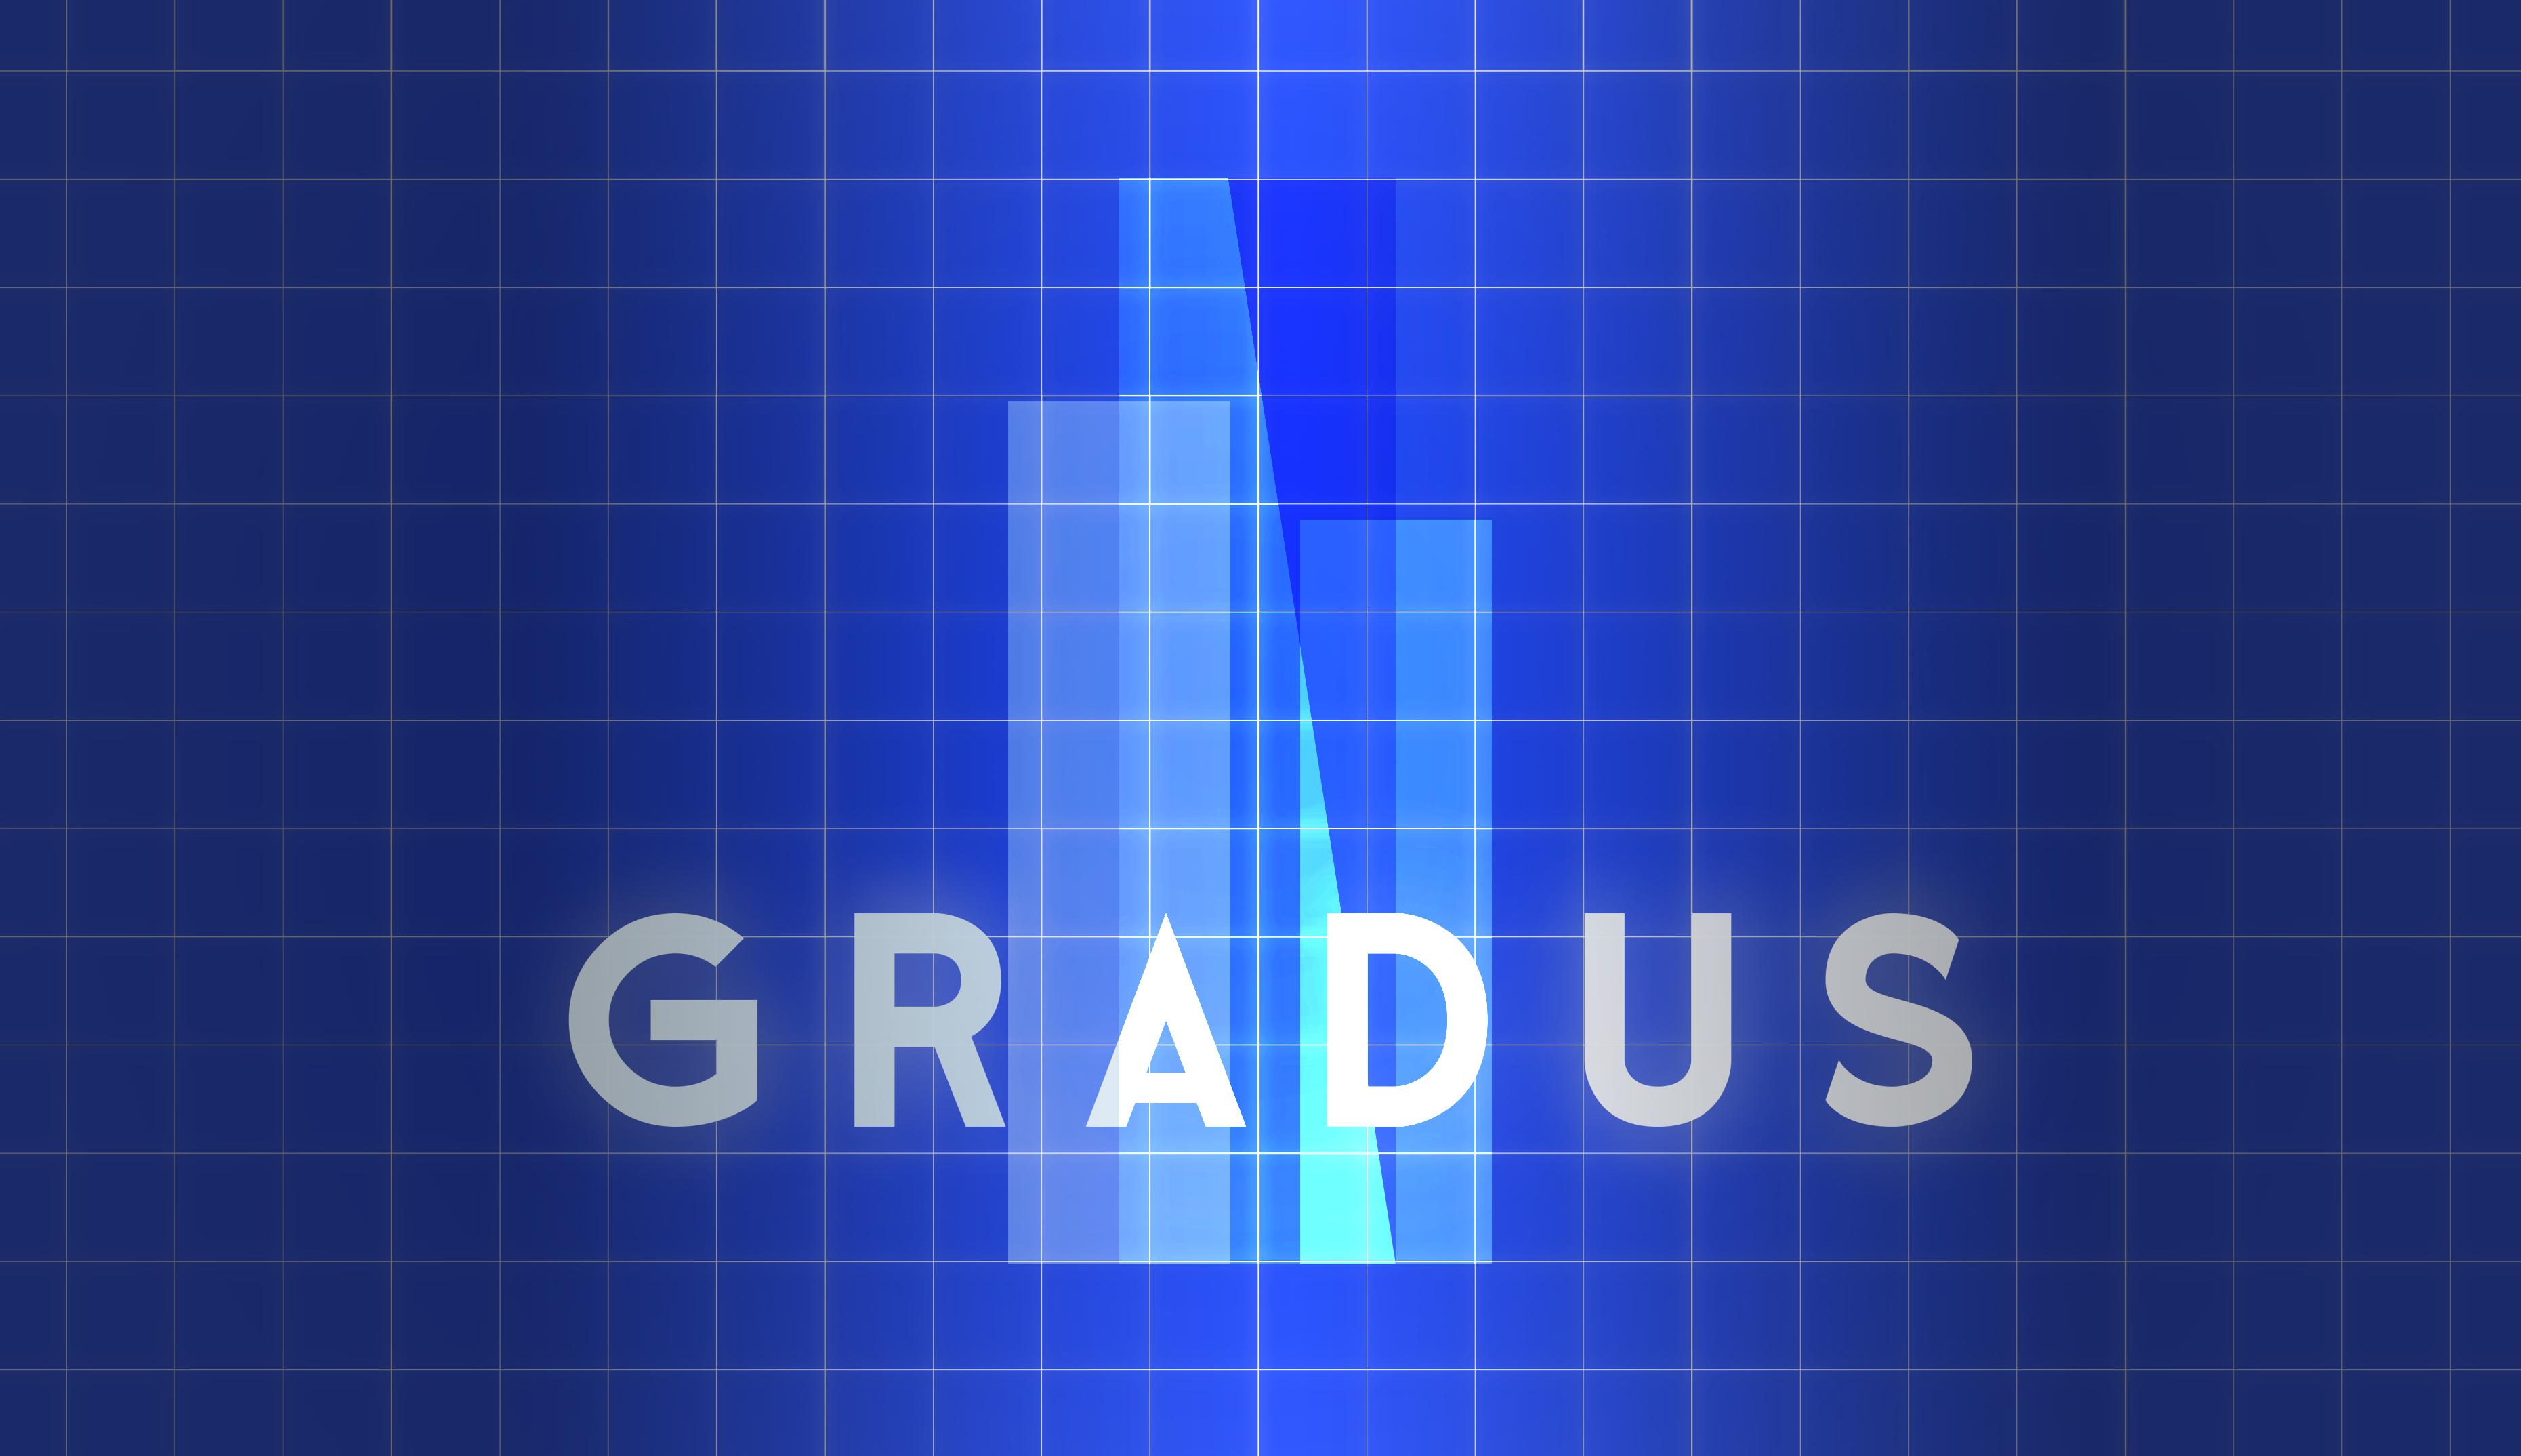 Gradus